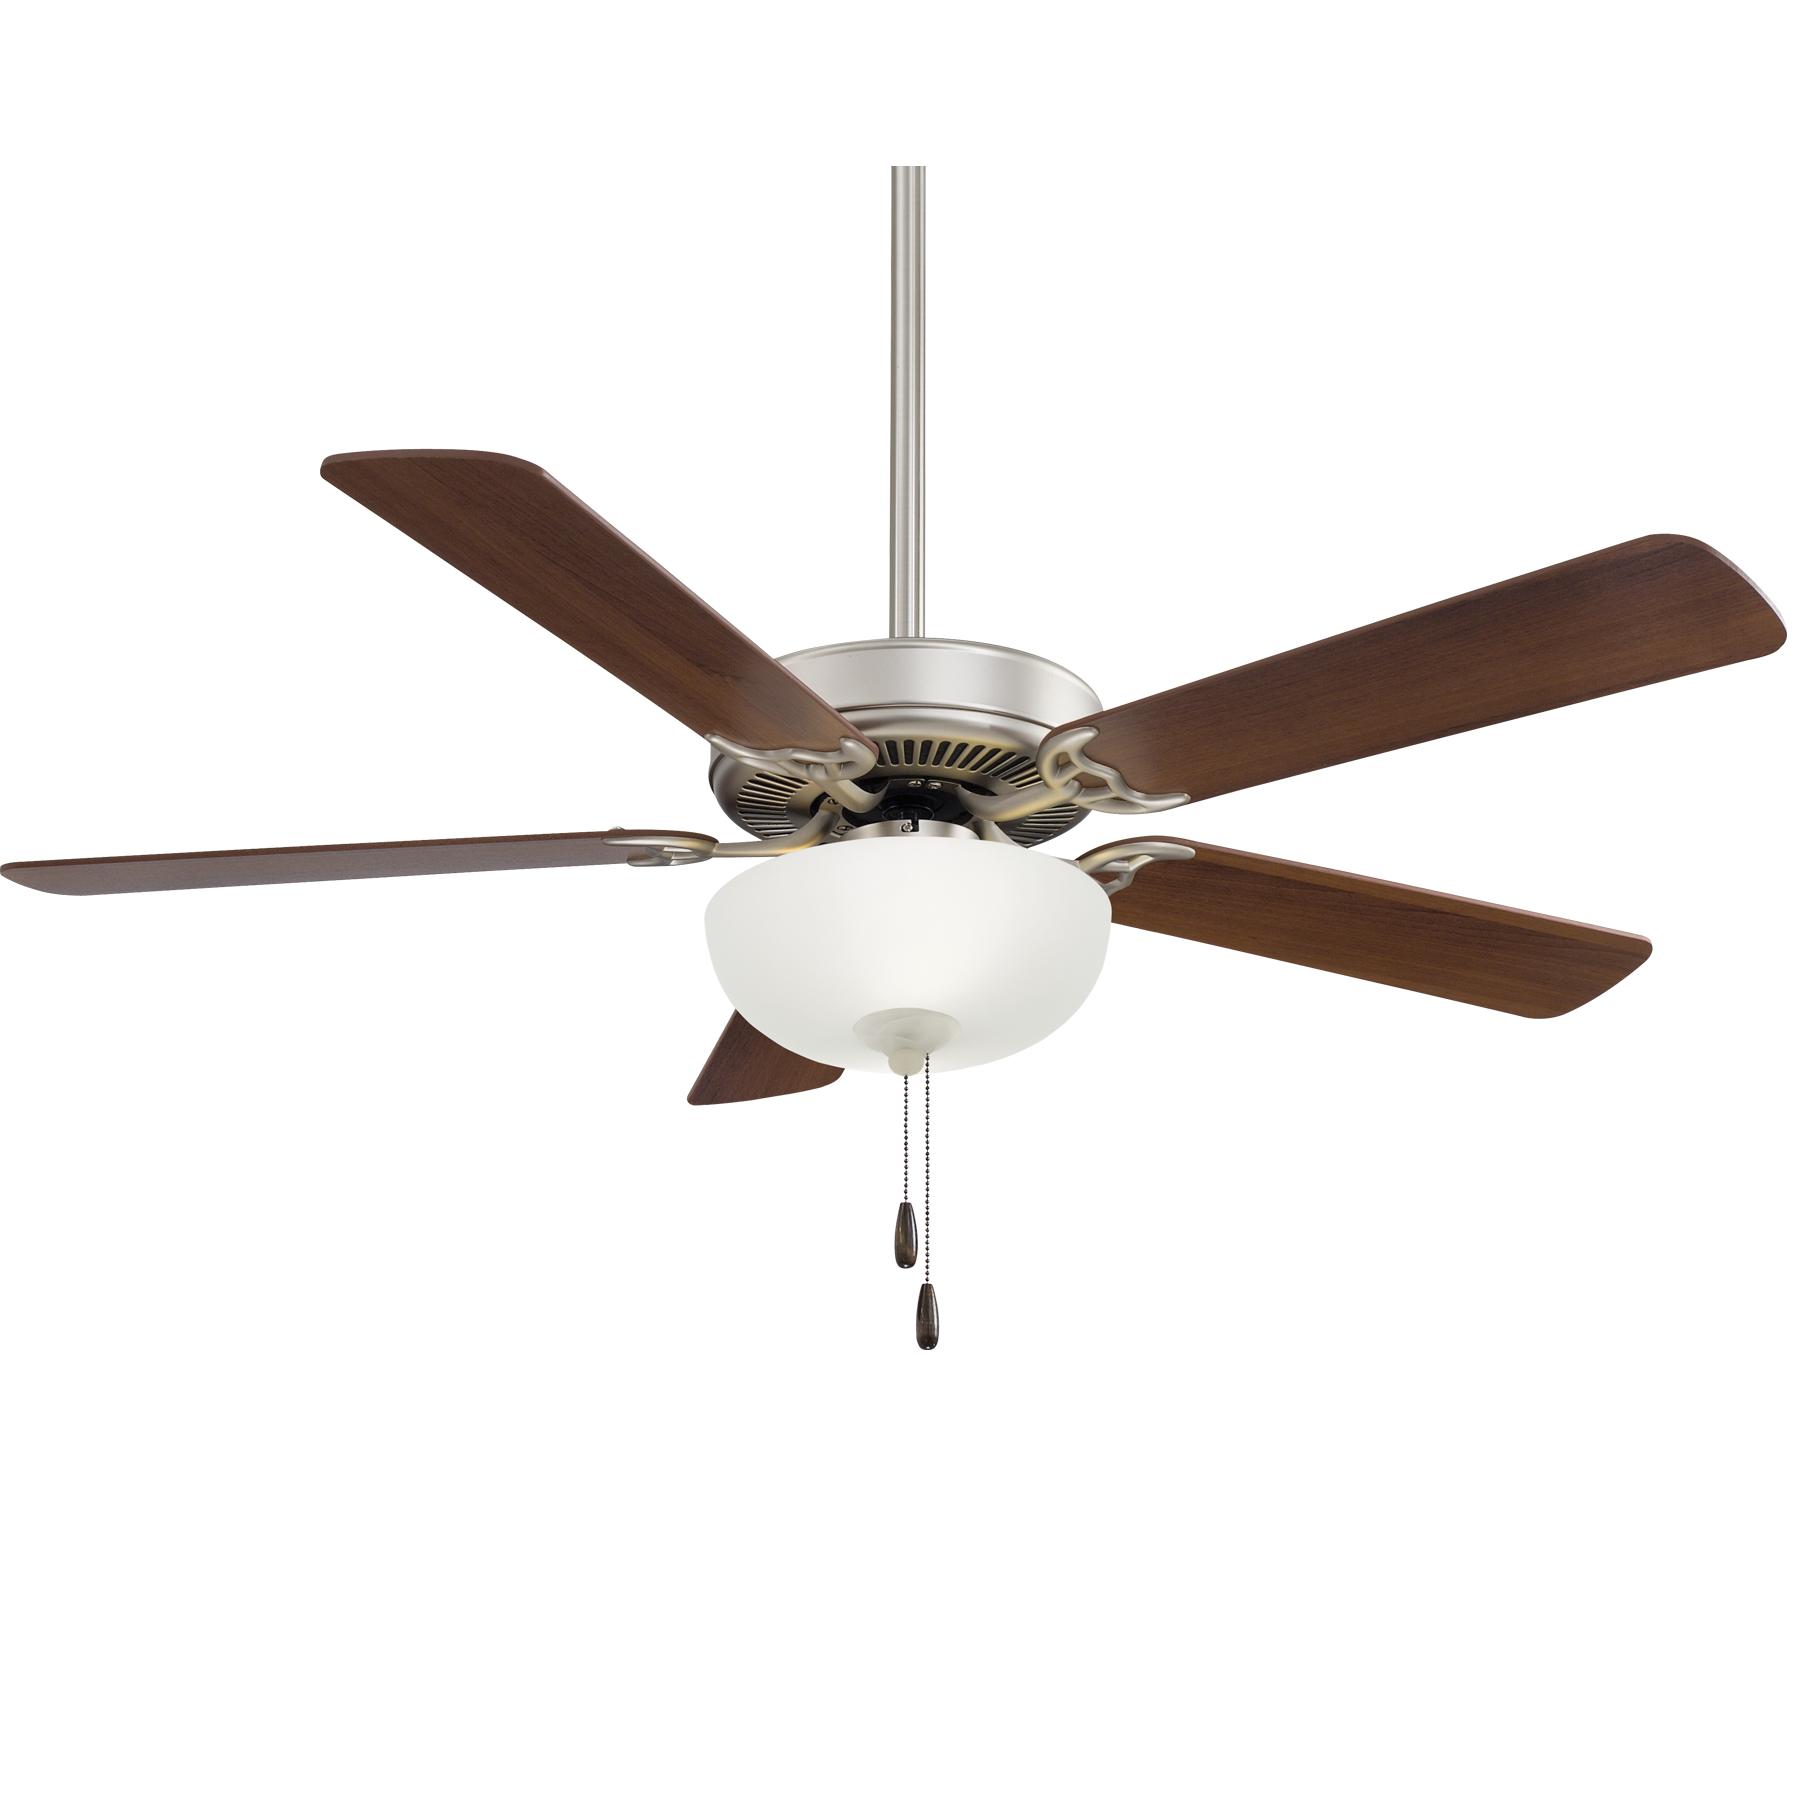 Minka Aire Contractor Steel Ceiling Fan LED Walnut